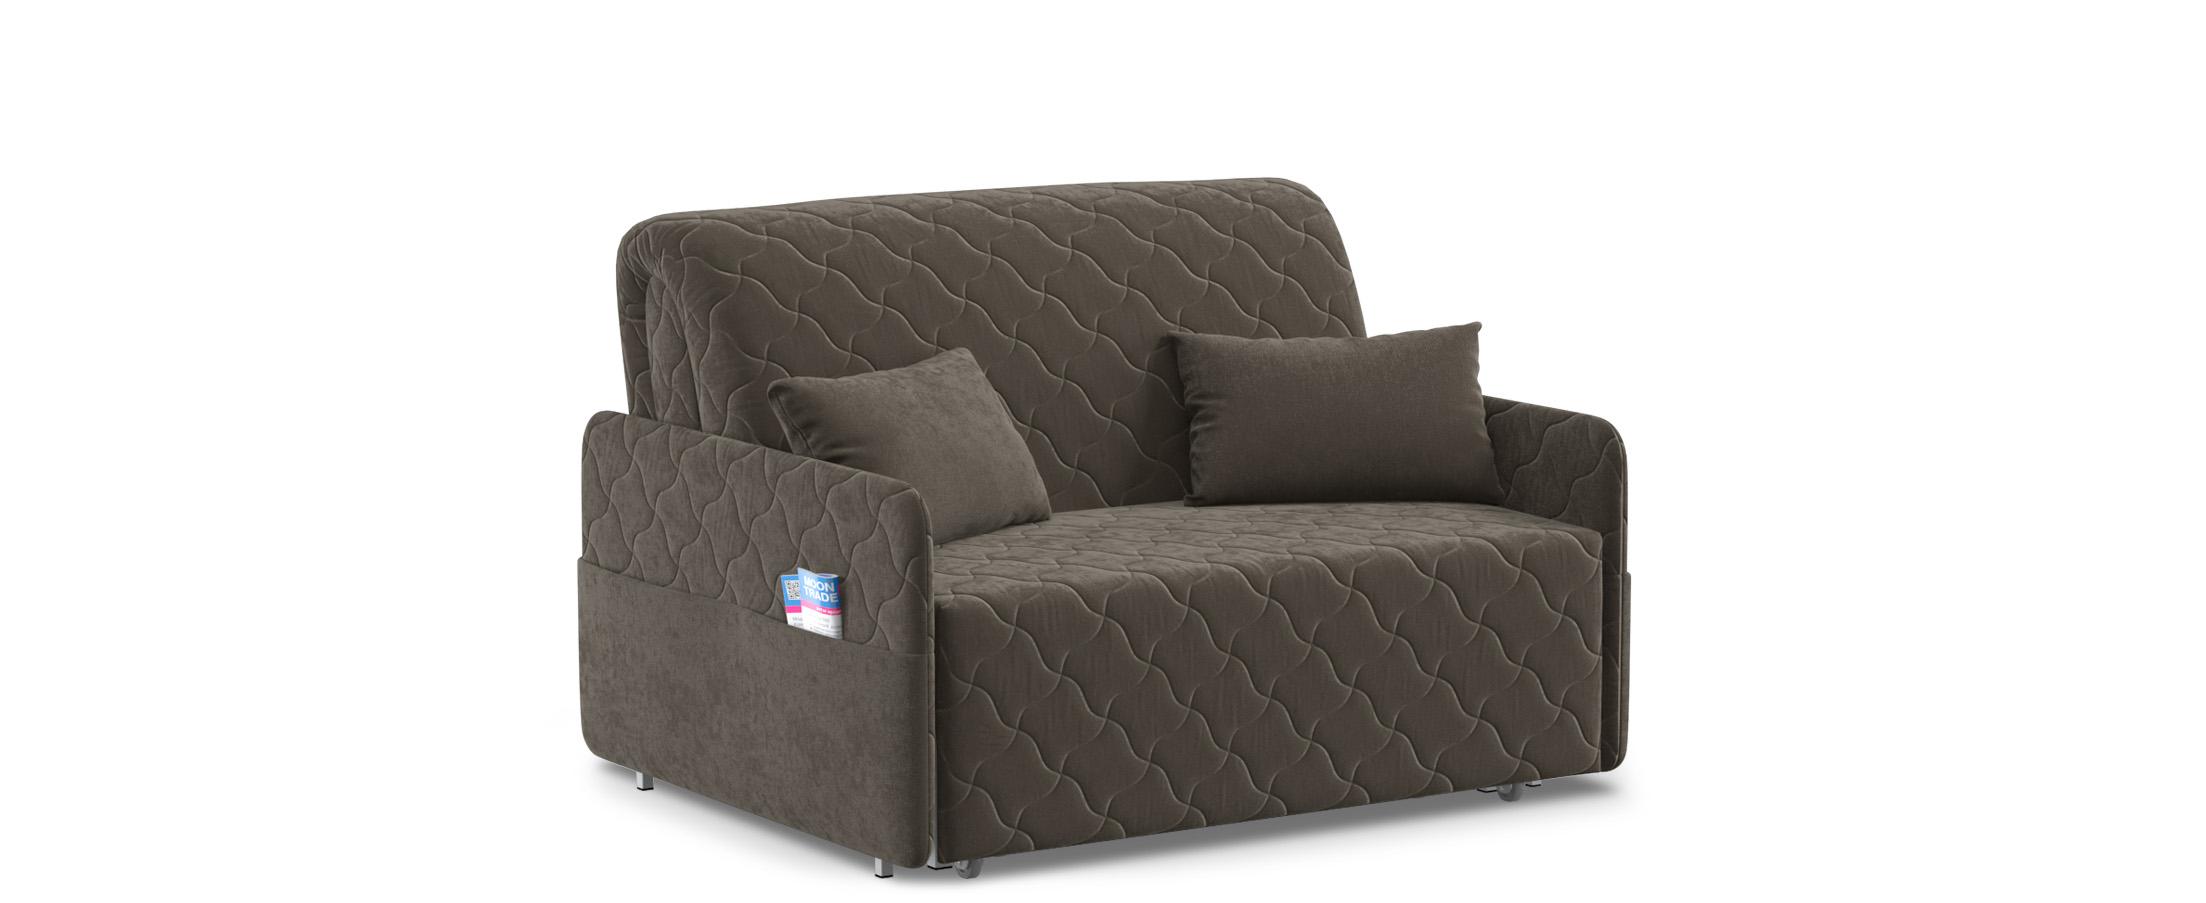 Диван прямой аккордеон Страйк 119Гостевой вариант и полноценное спальное место. Размеры 132х105х92 см. Купить коричневый диван аккордеон в интернет-магазине MOON-TRADE.RU